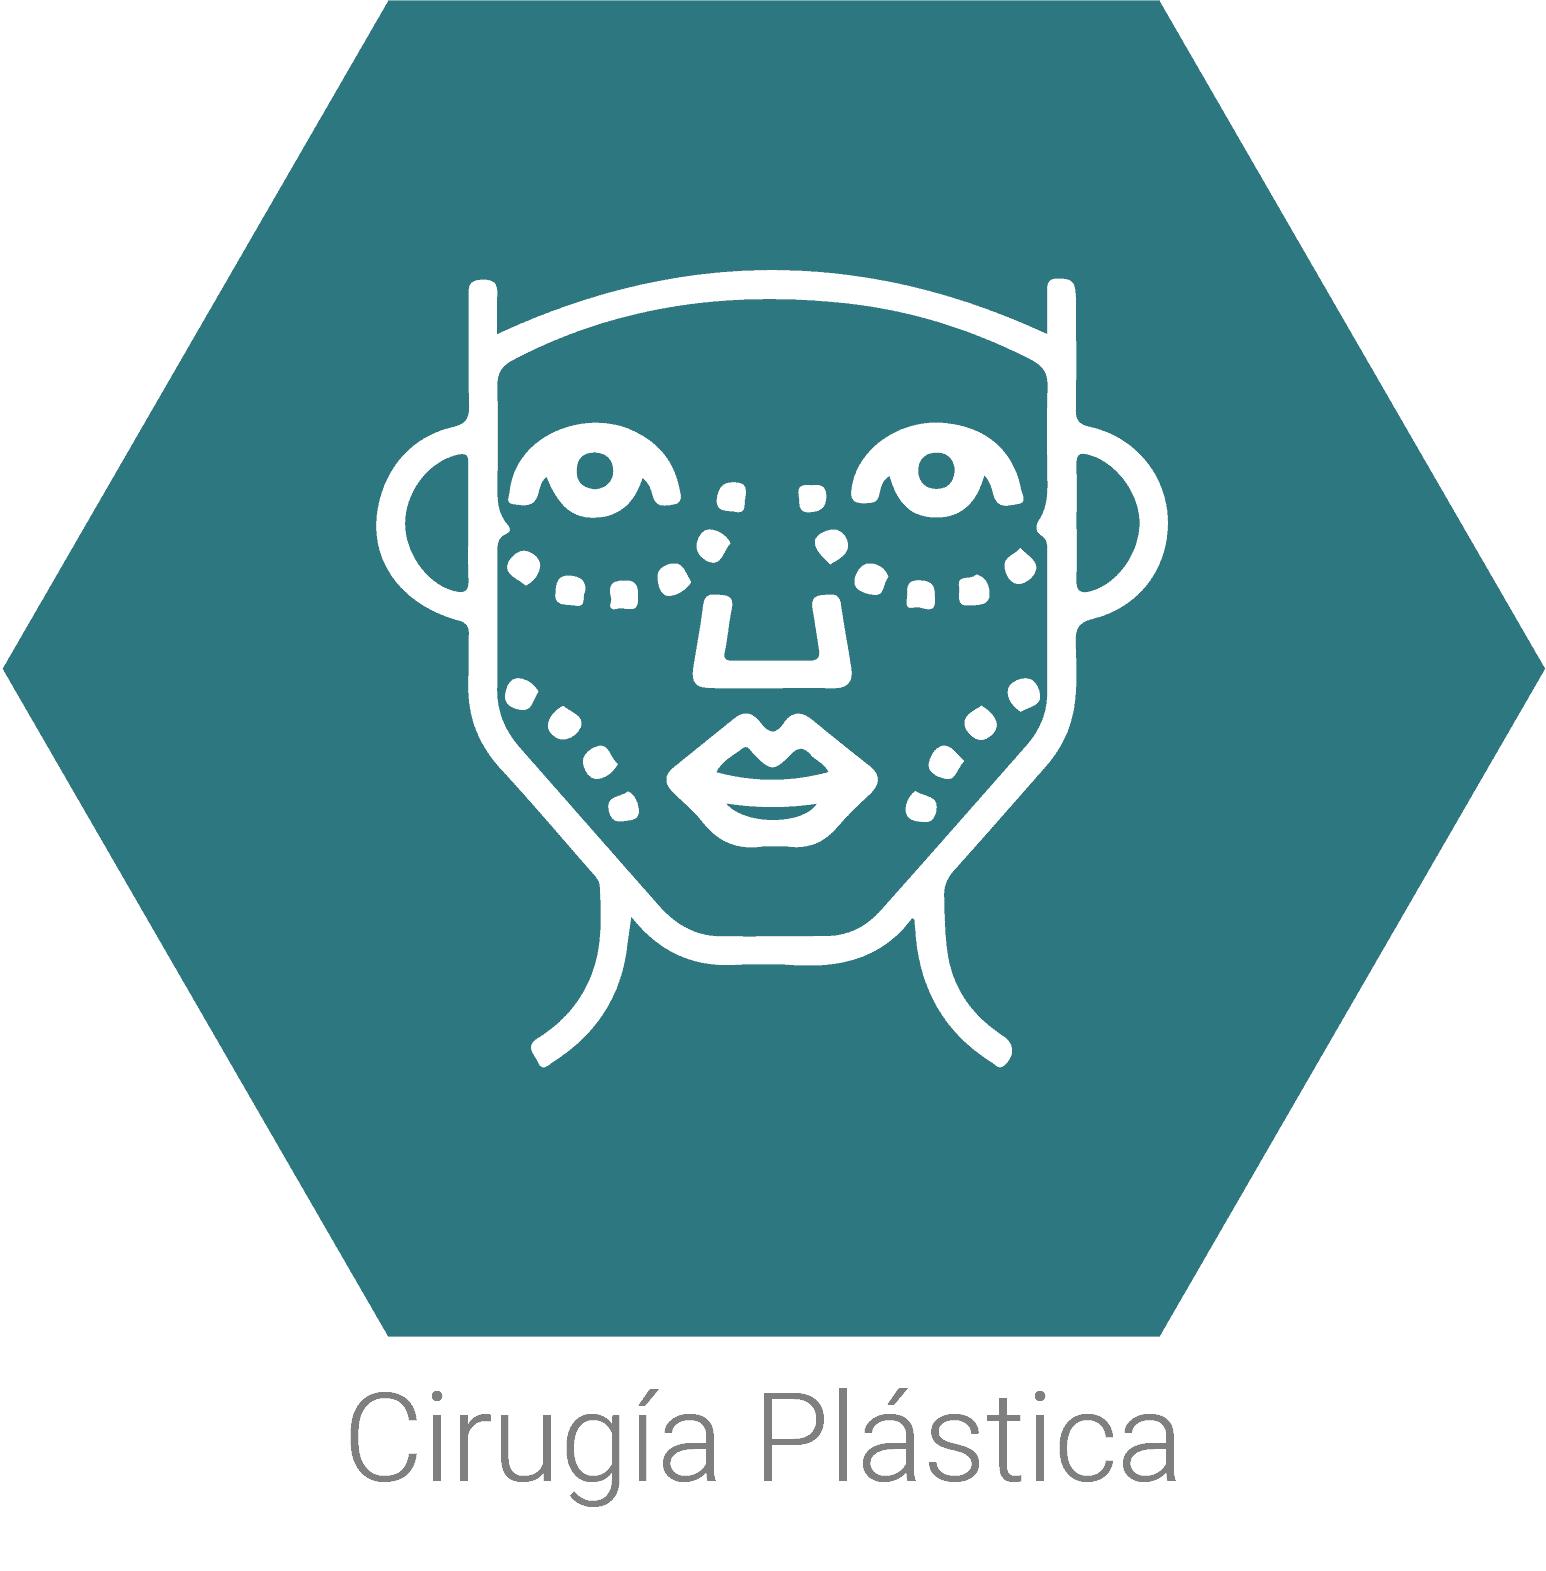 Cirugía Plástica_1